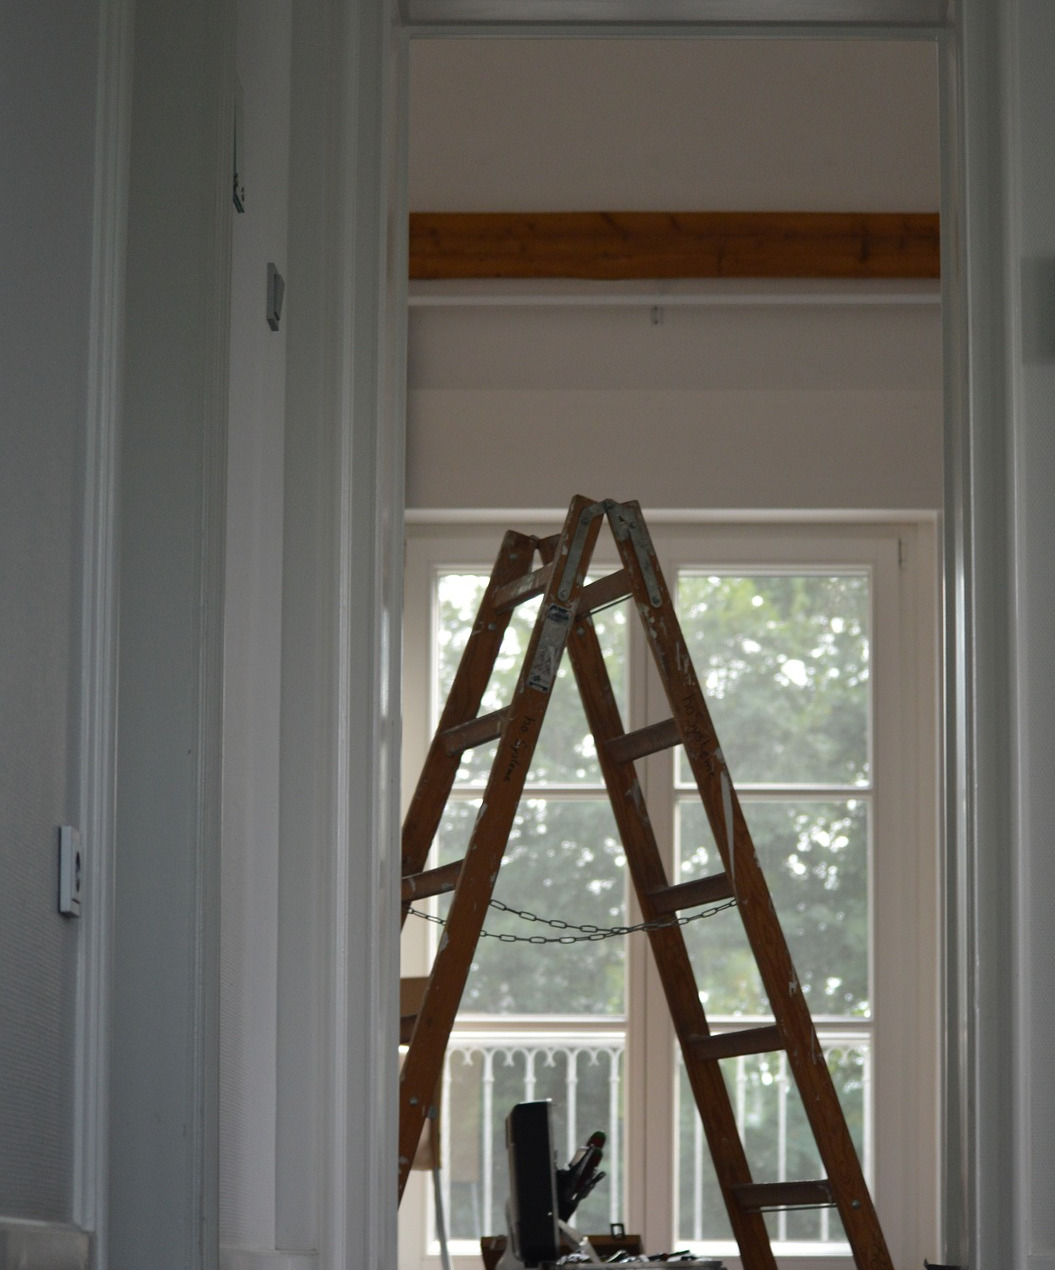 Lavori in casa: permessi e autorizzazioni necessarie - Casa.it